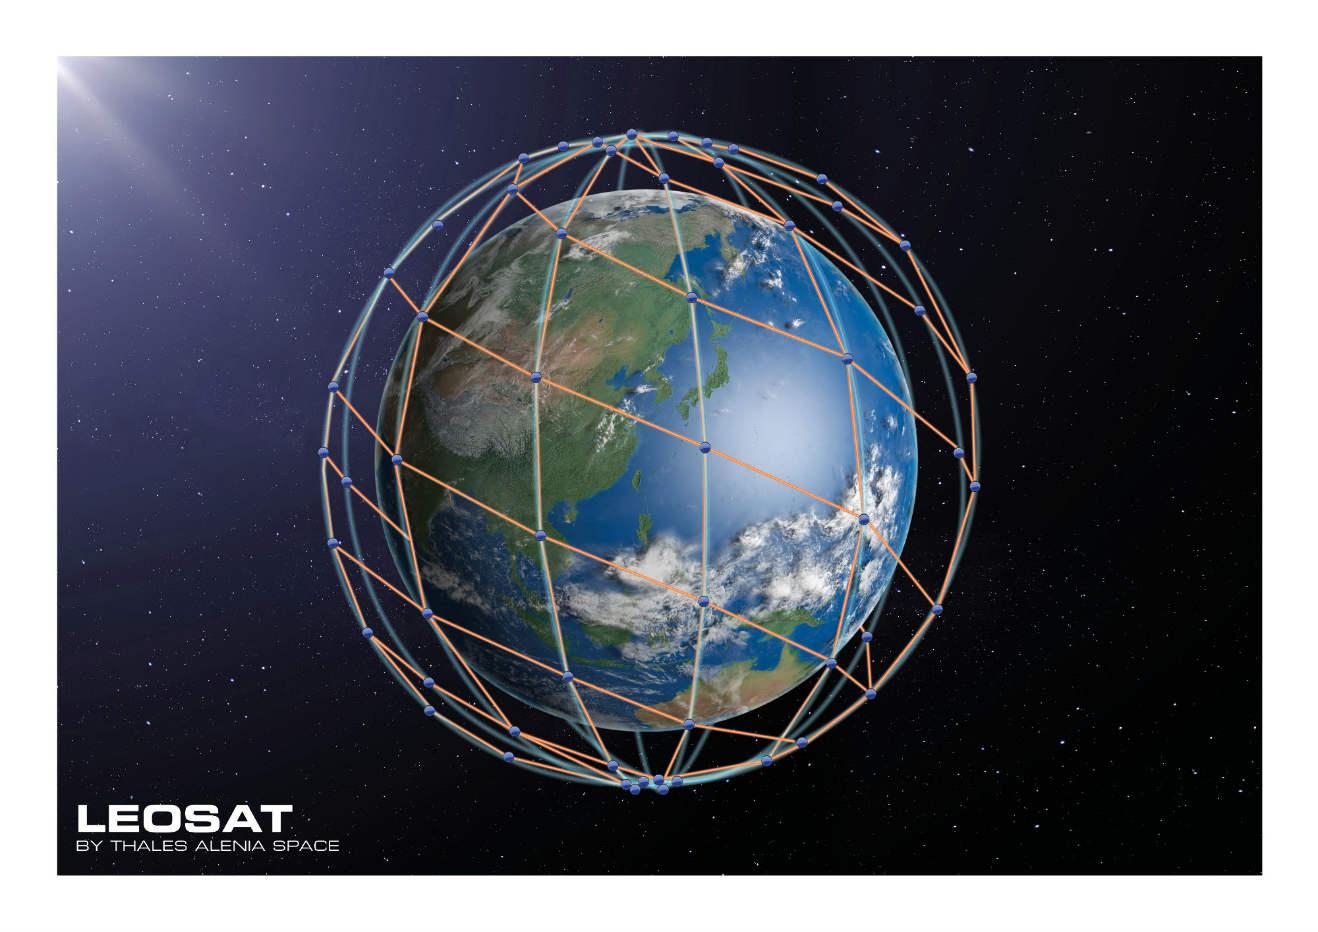 Japan's SJC agrees to invest in LeoSat